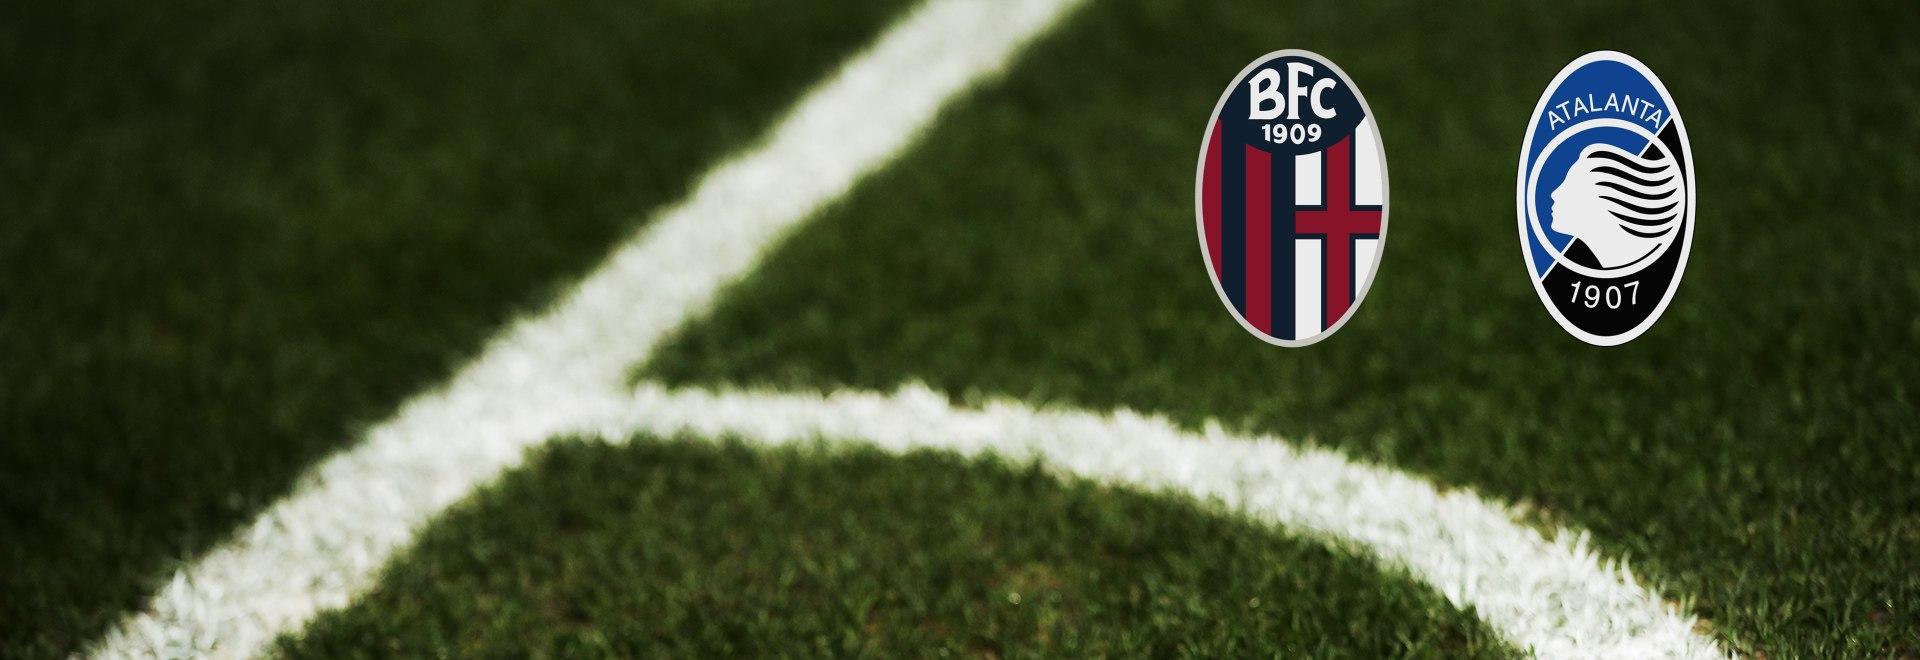 Bologna - Atalanta. 16a g.